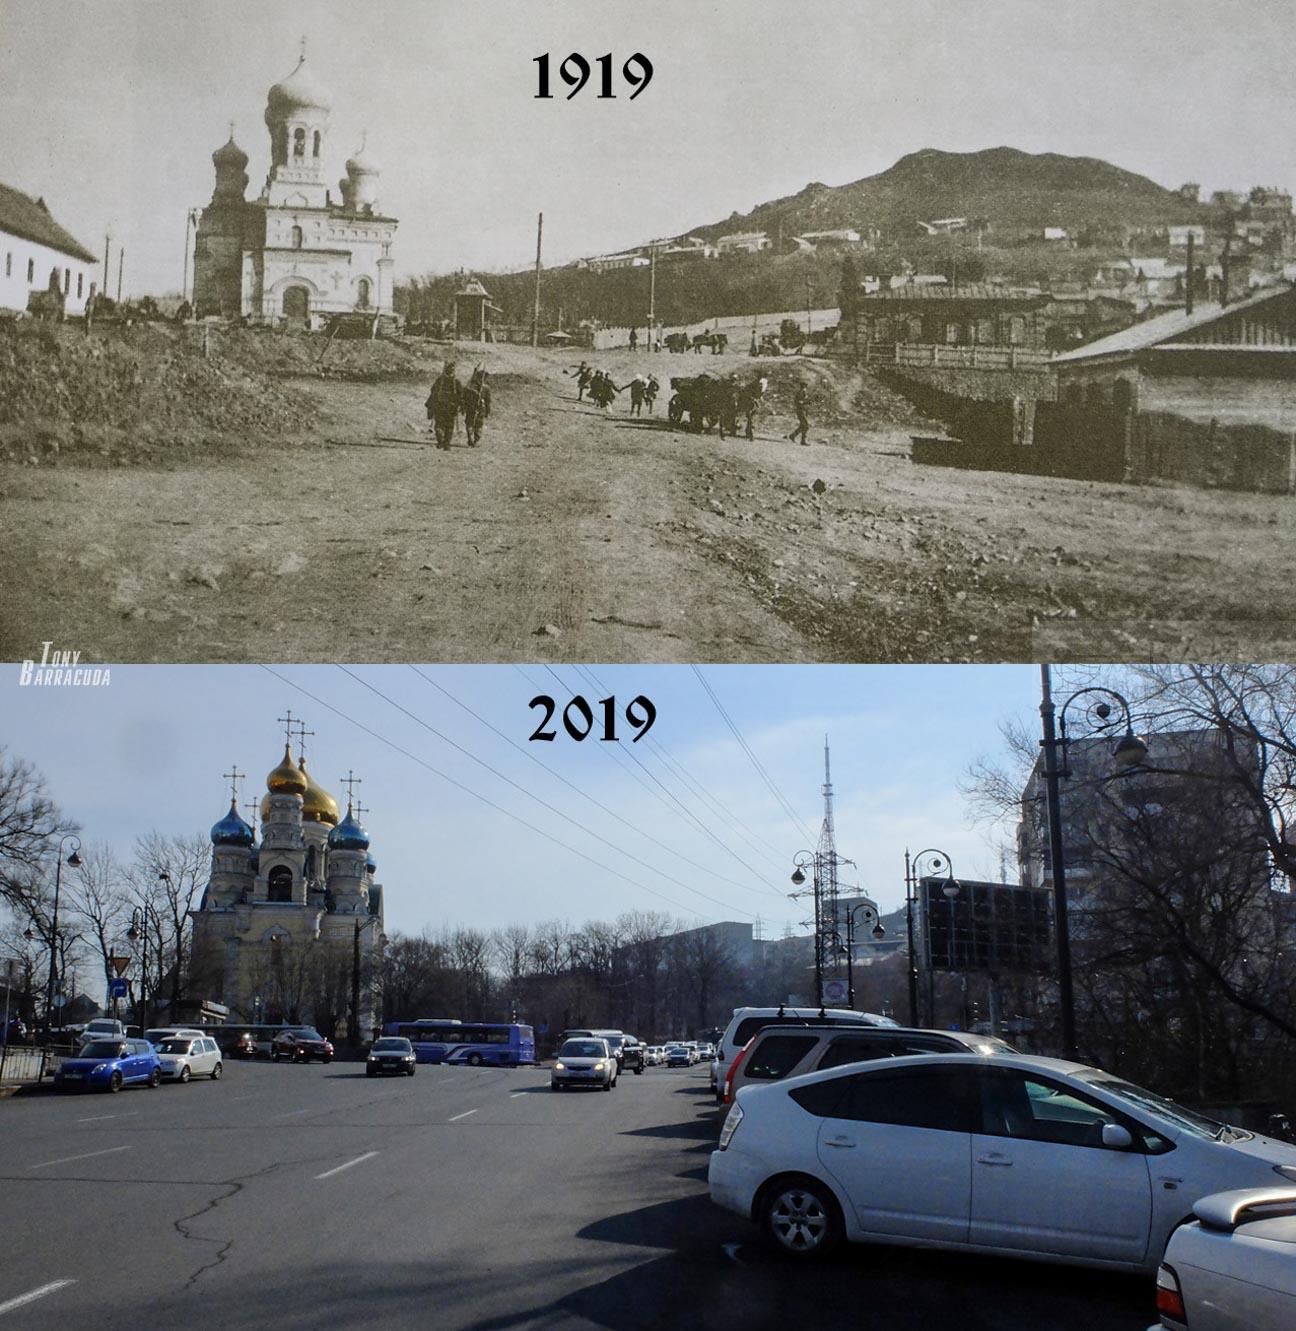 покровская церковь фото 1919 владивосток